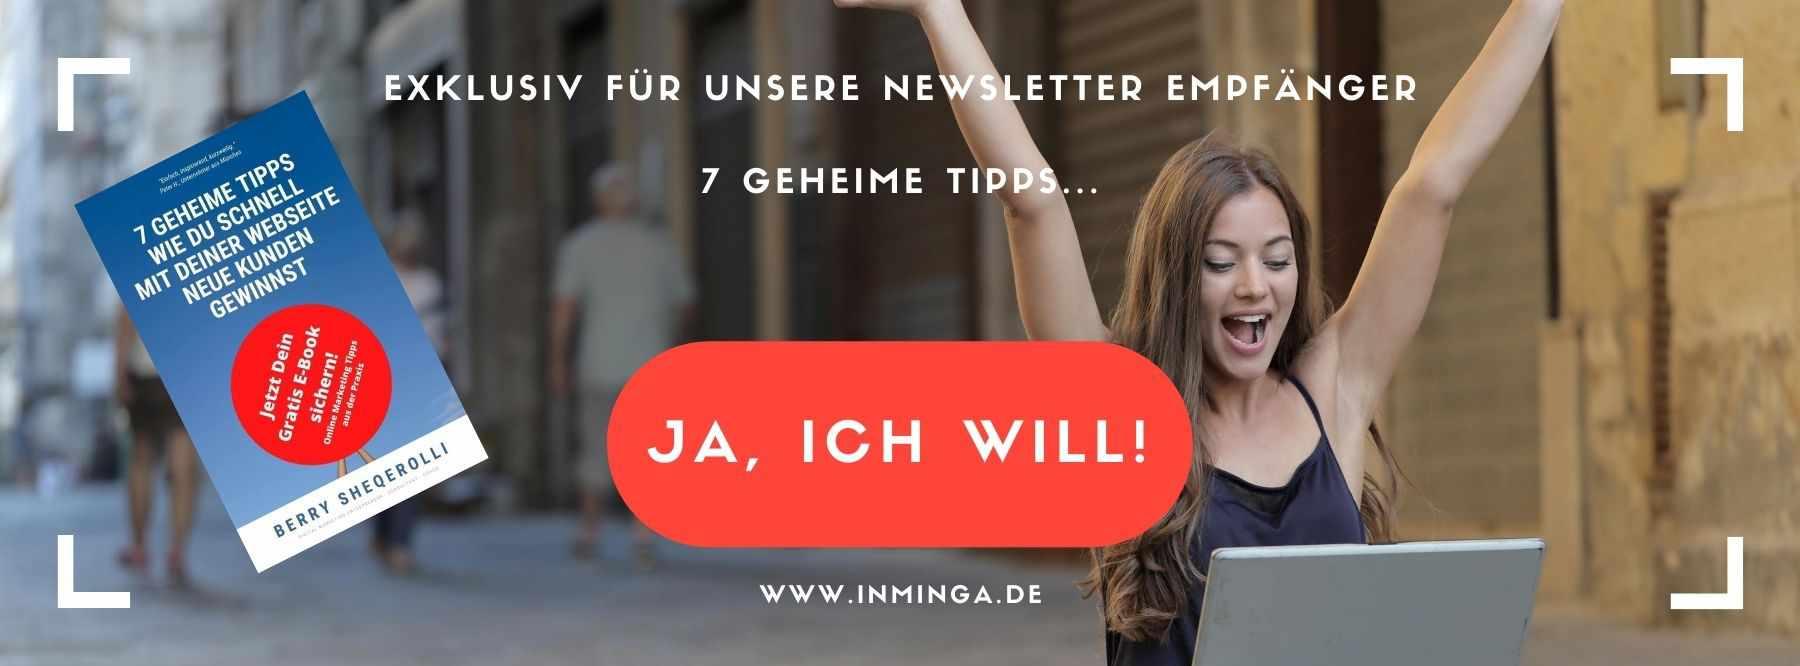 Sales Funnels und Online Marketing Agentur München inMinga 7 Geheime Tipps